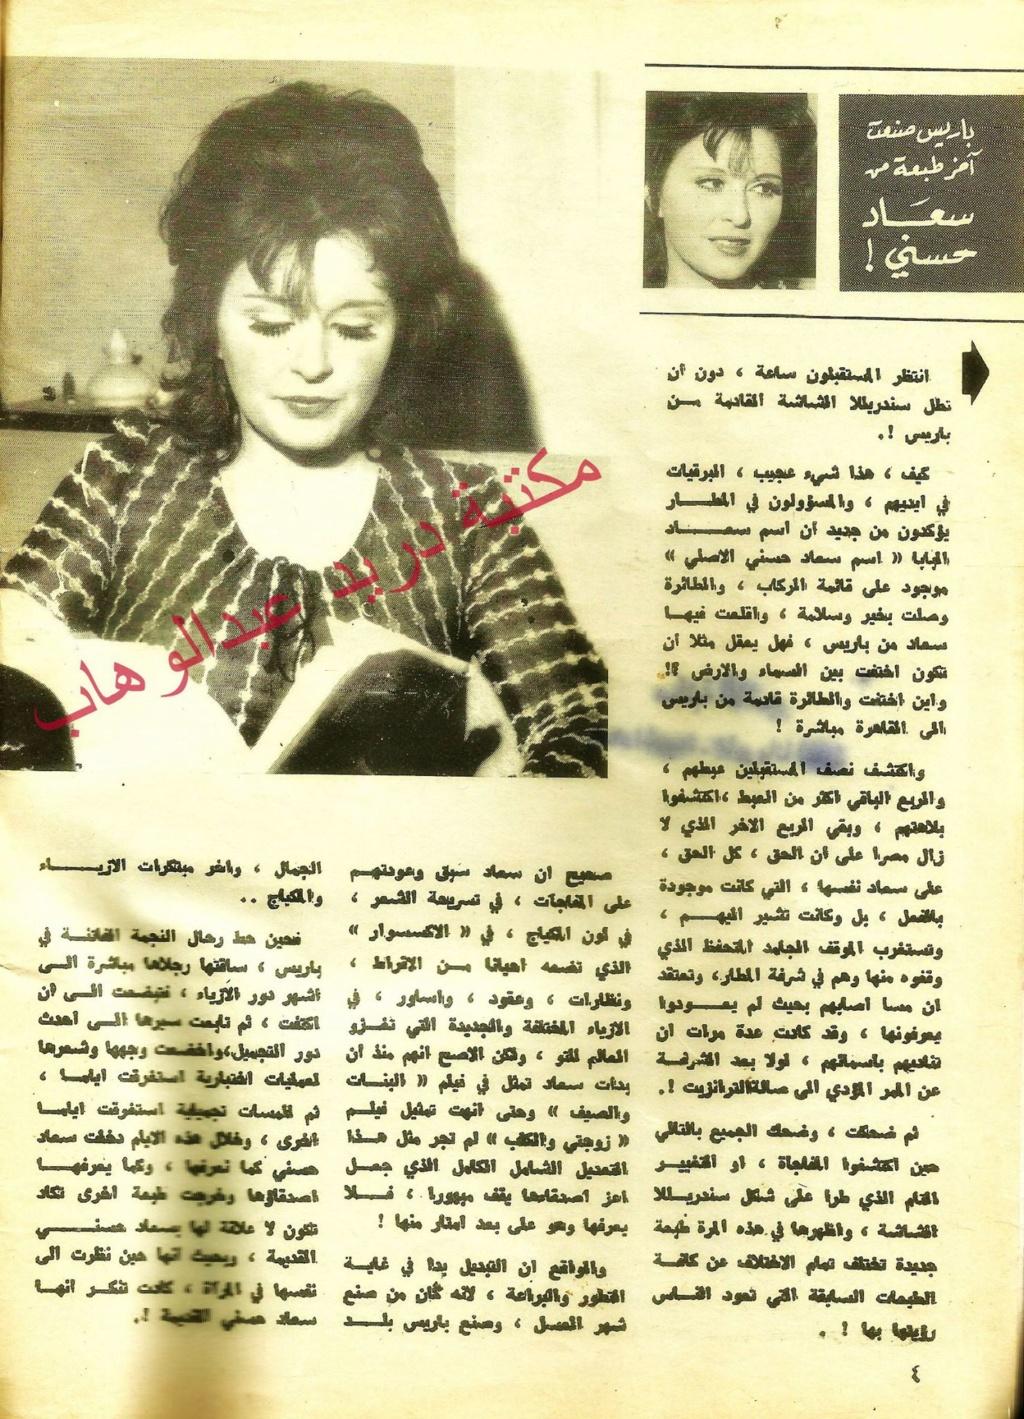 مقال - مقال صحفي : باريس صنعت آخر طبعة من سعاد حسني ! 1971 م 2191